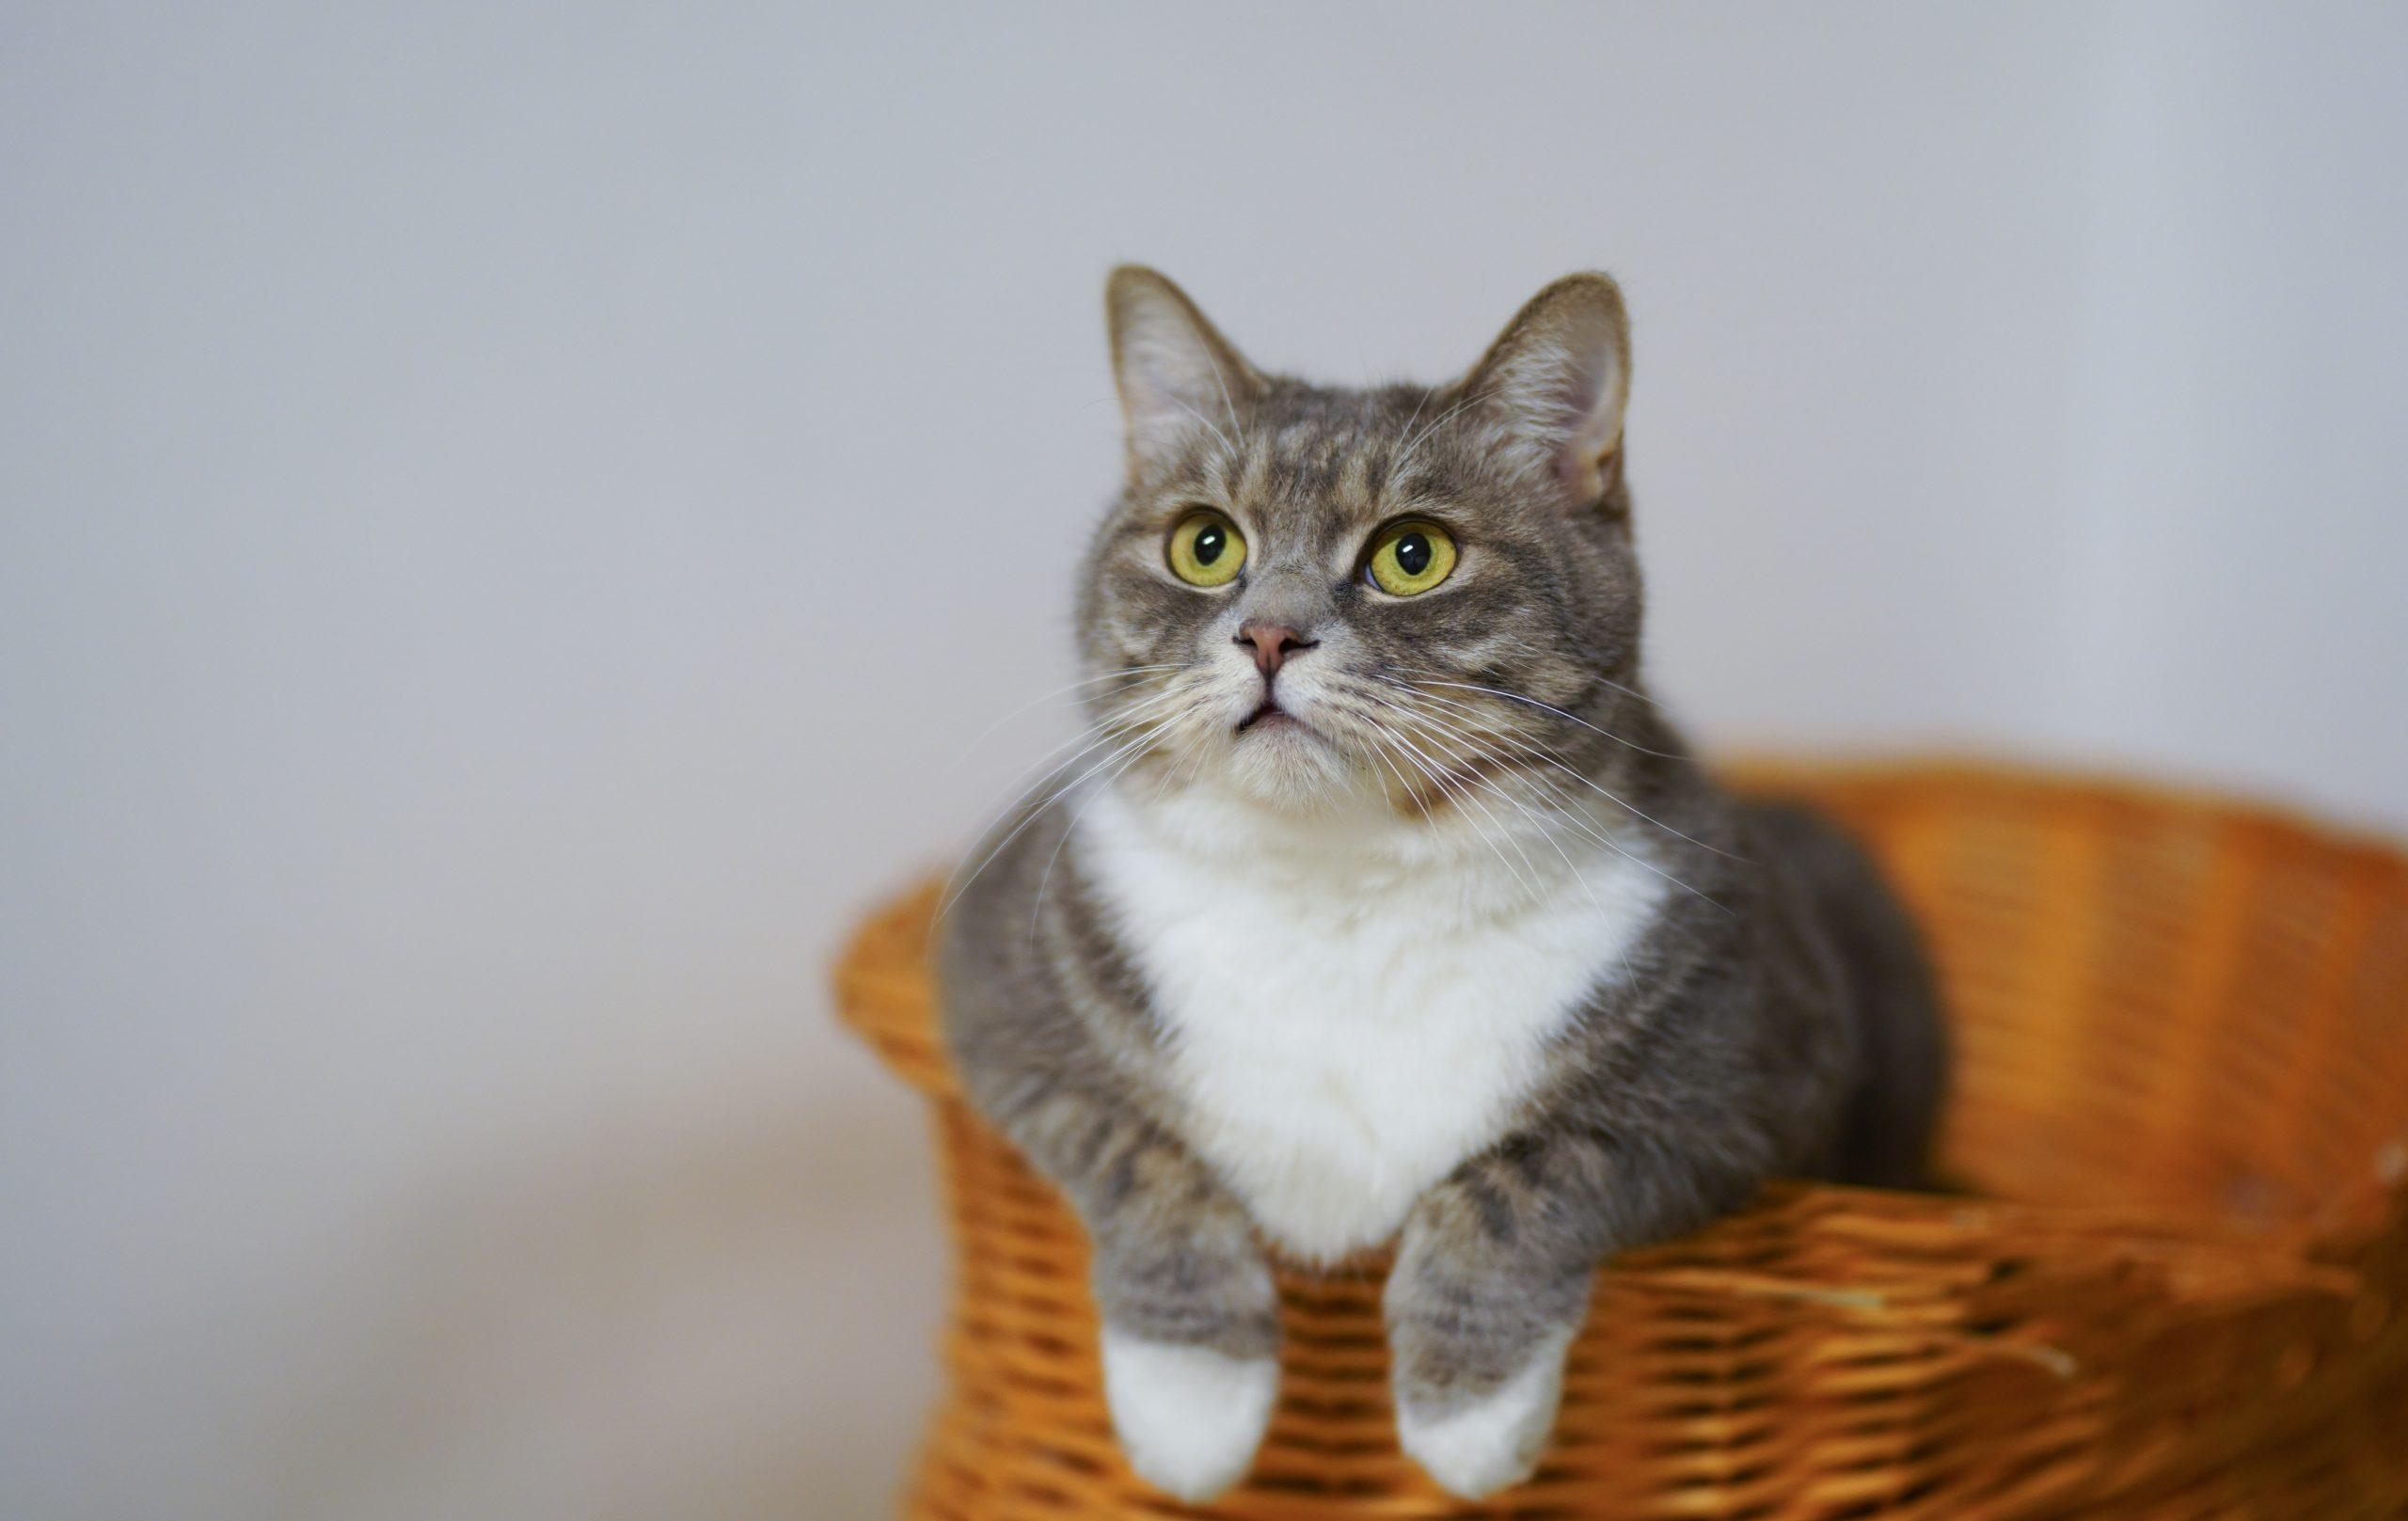 Los gatos necesitan tratamientos regulares contra los parásitos